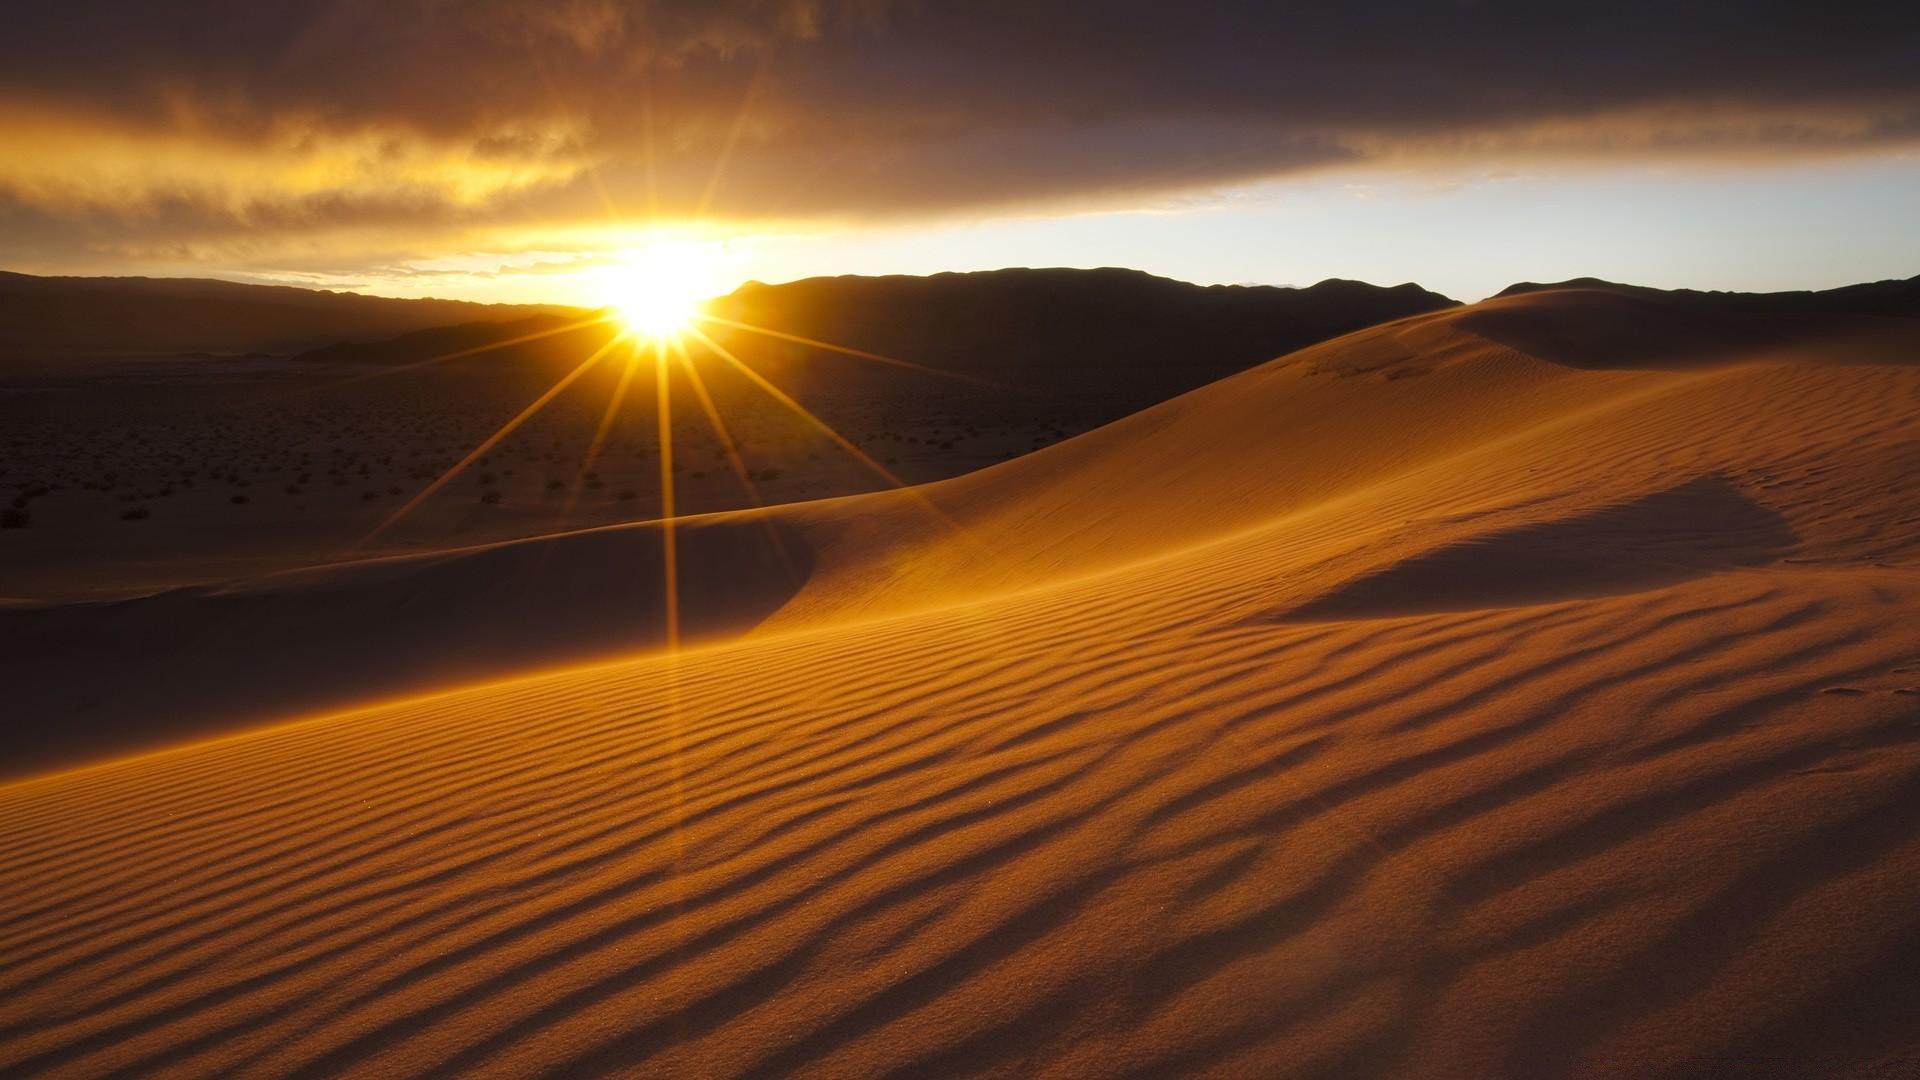 пустыня растения сонце закат на телефон